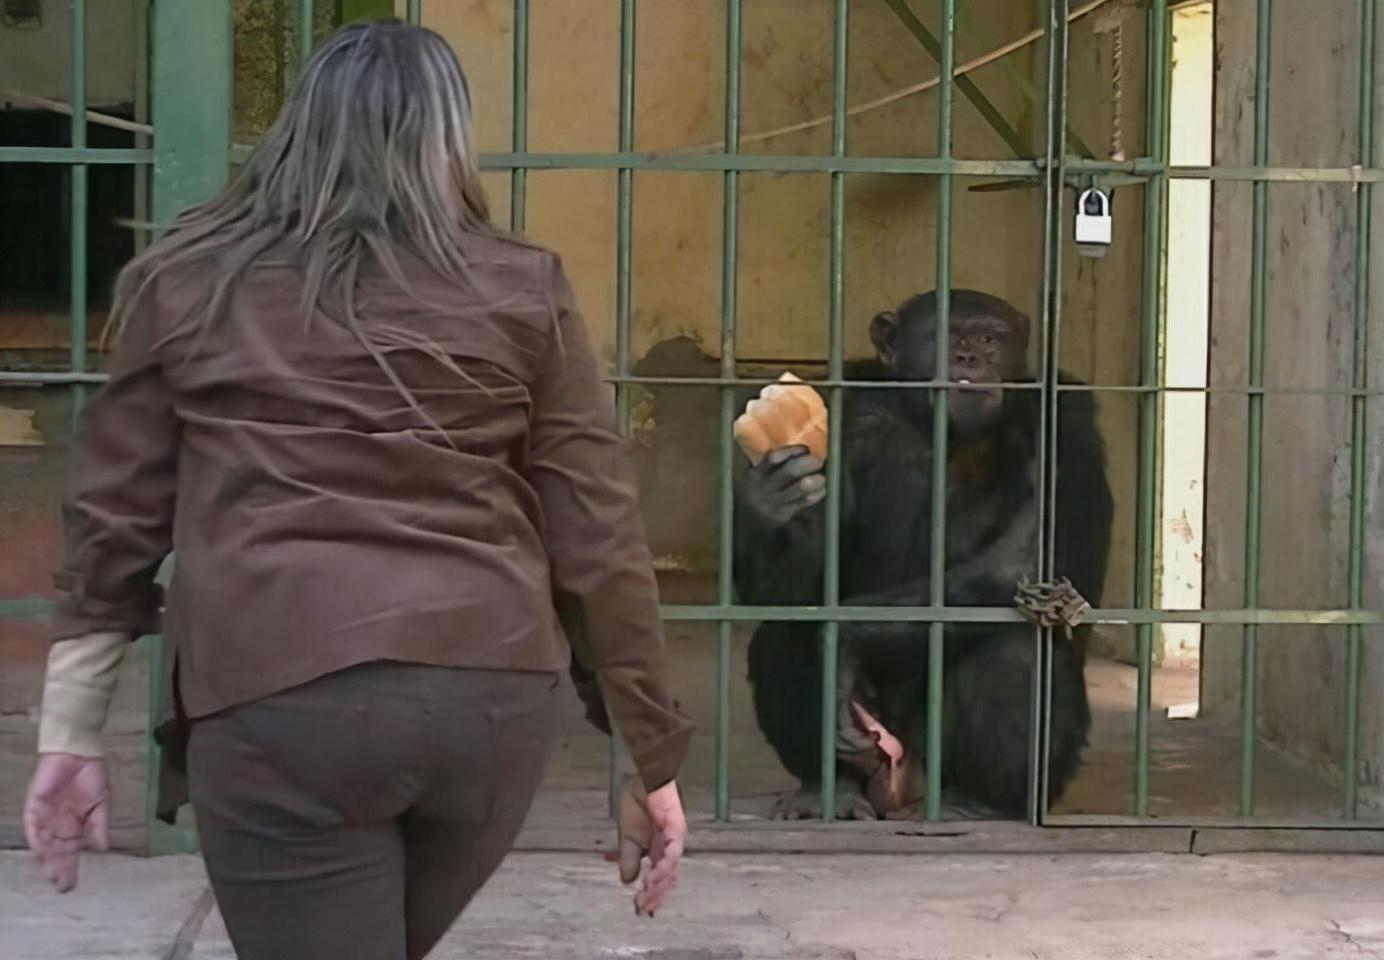 """比利时女子和黑猩猩真心相爱,却被""""棒打鸳鸯"""",她说:我错了吗"""